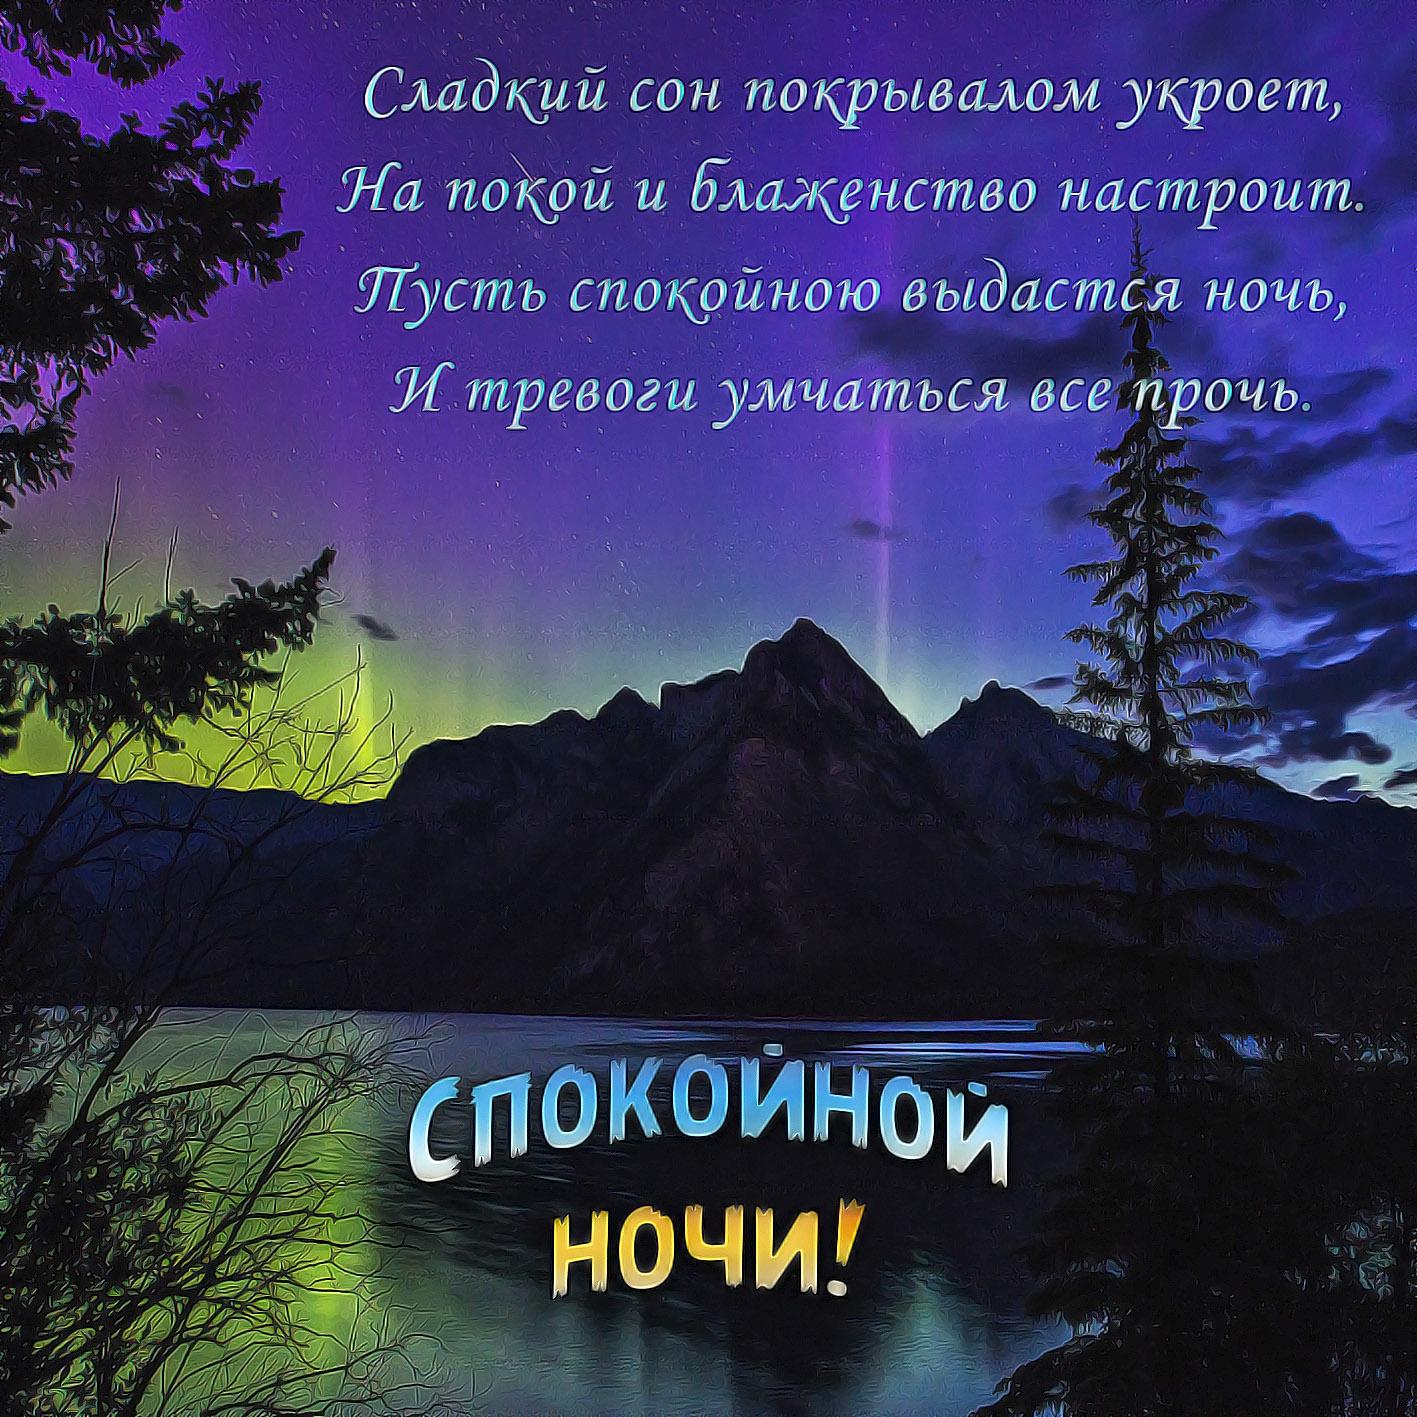 Открытка - пожелание спокойной ночи в стихах